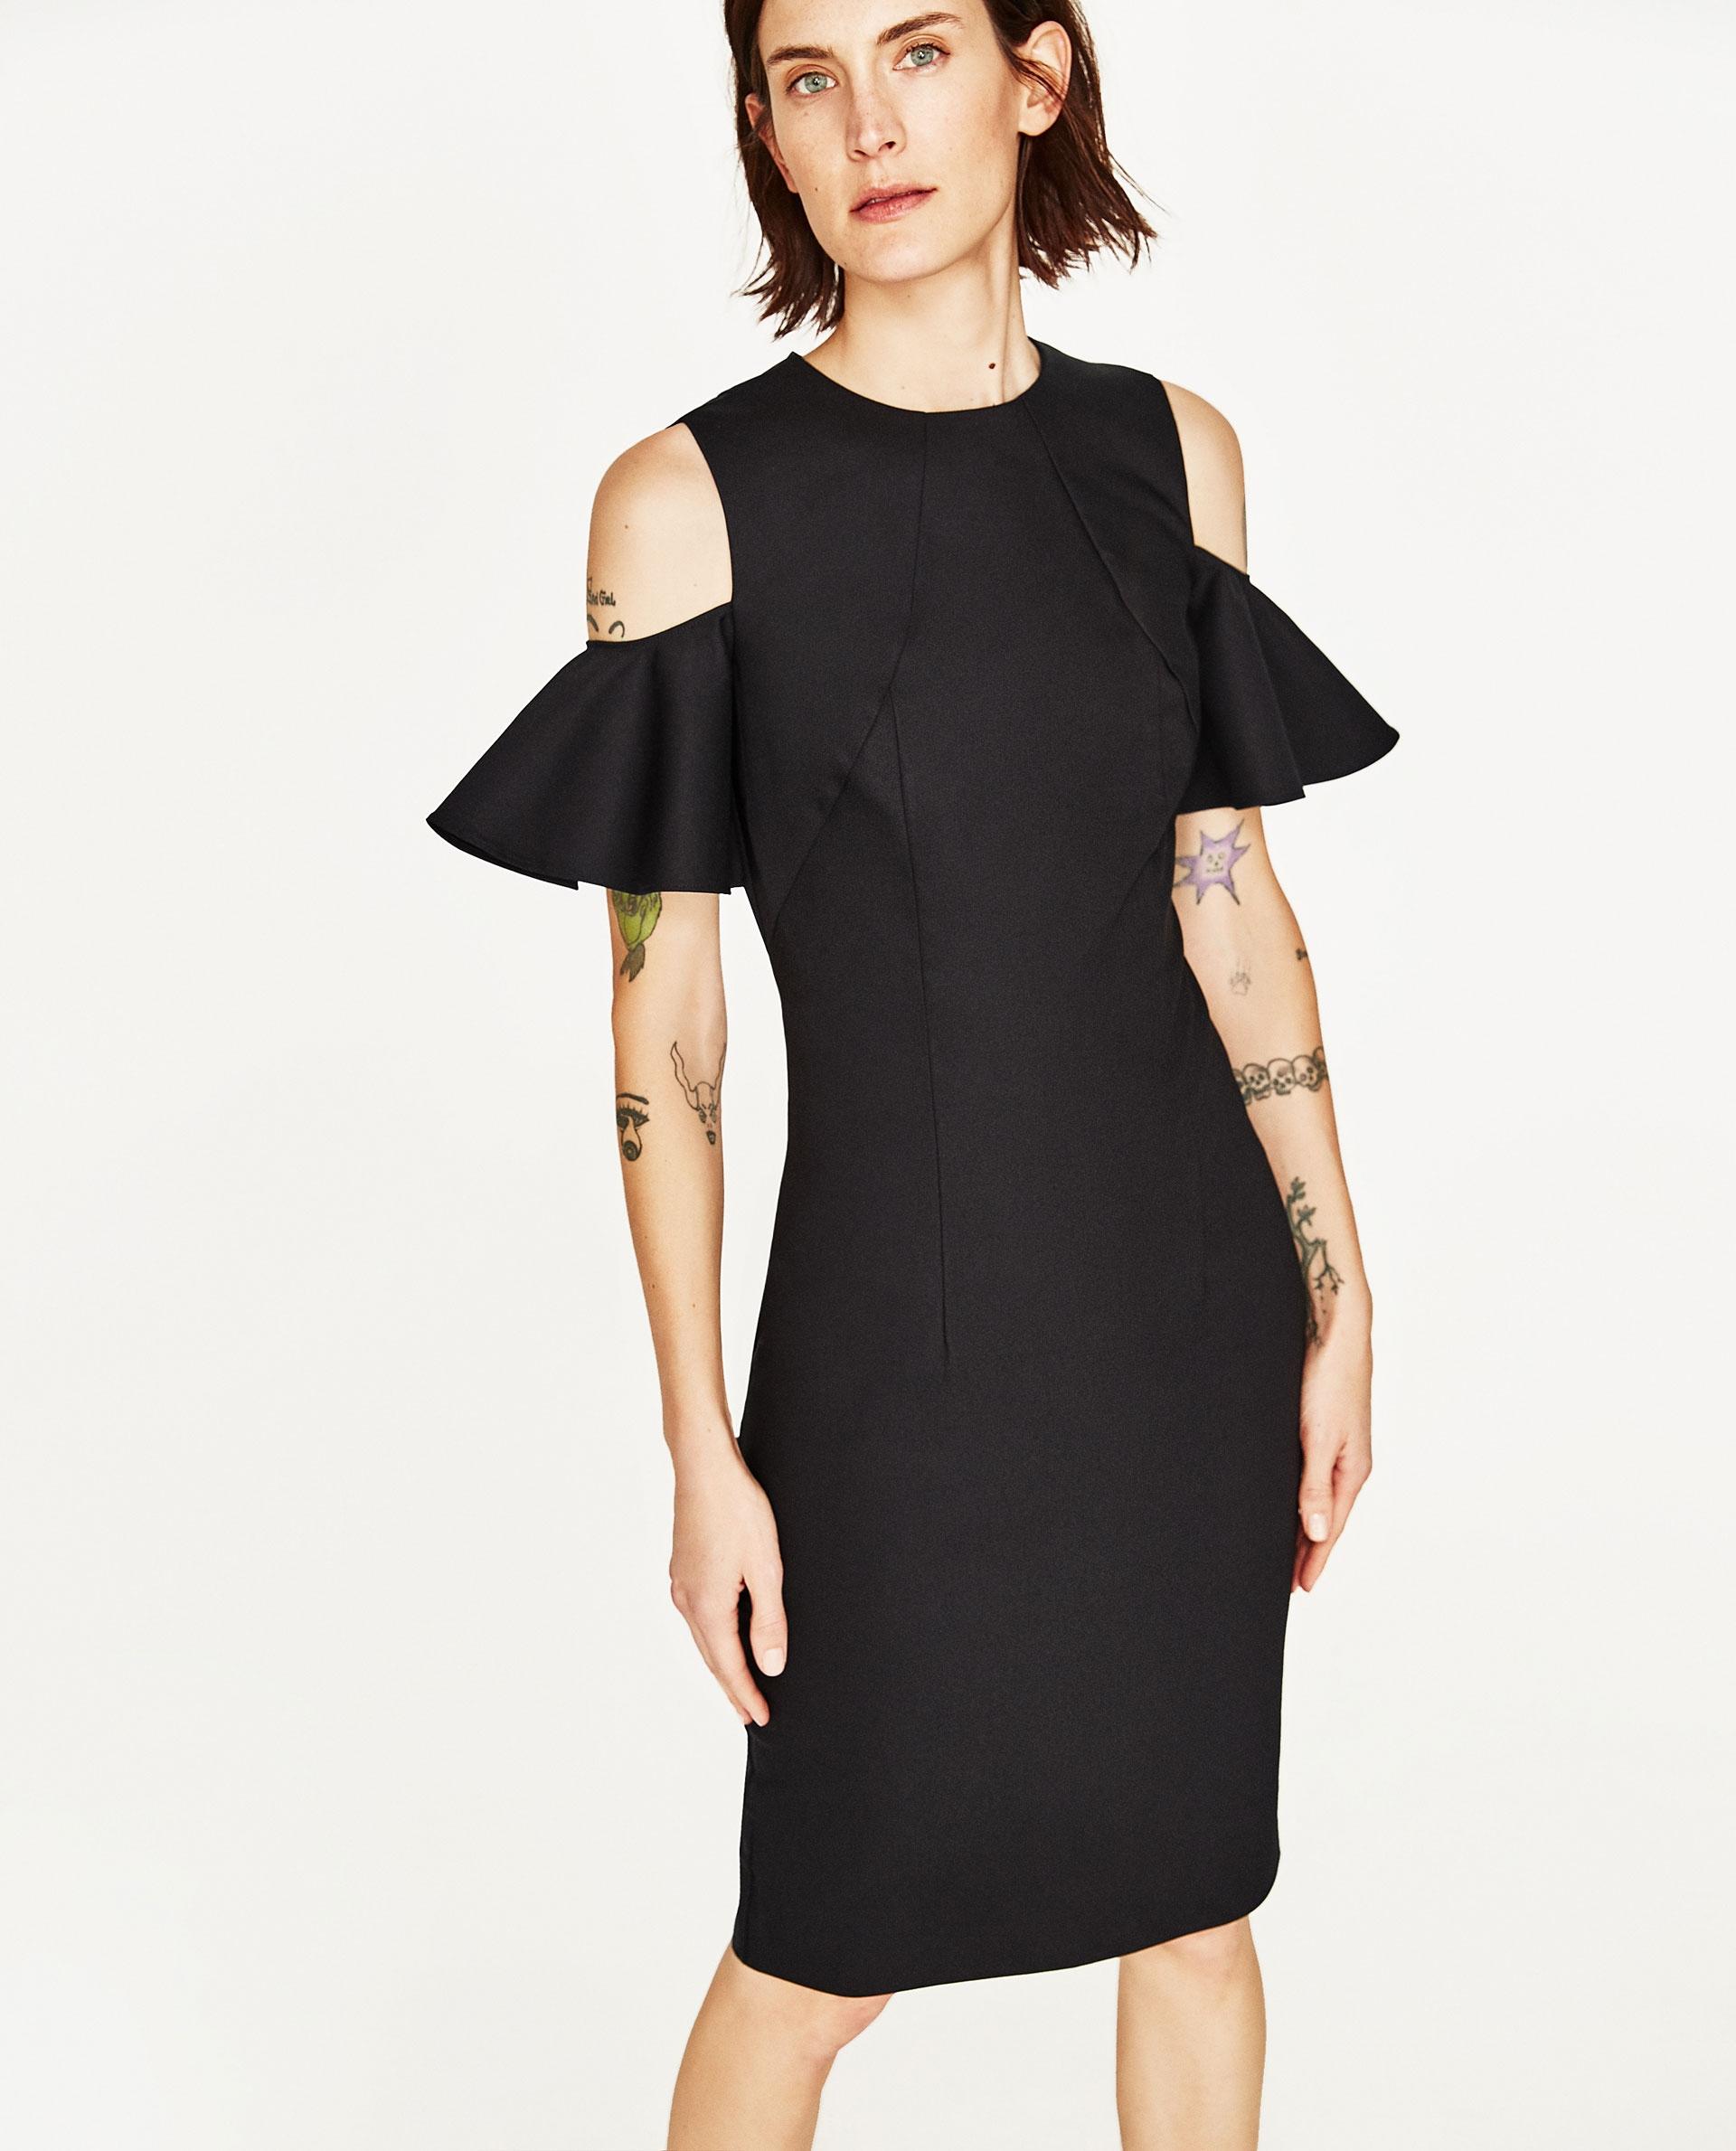 ZARA sukienka 34 XS czerń ołówkowa ramiona WOMAN